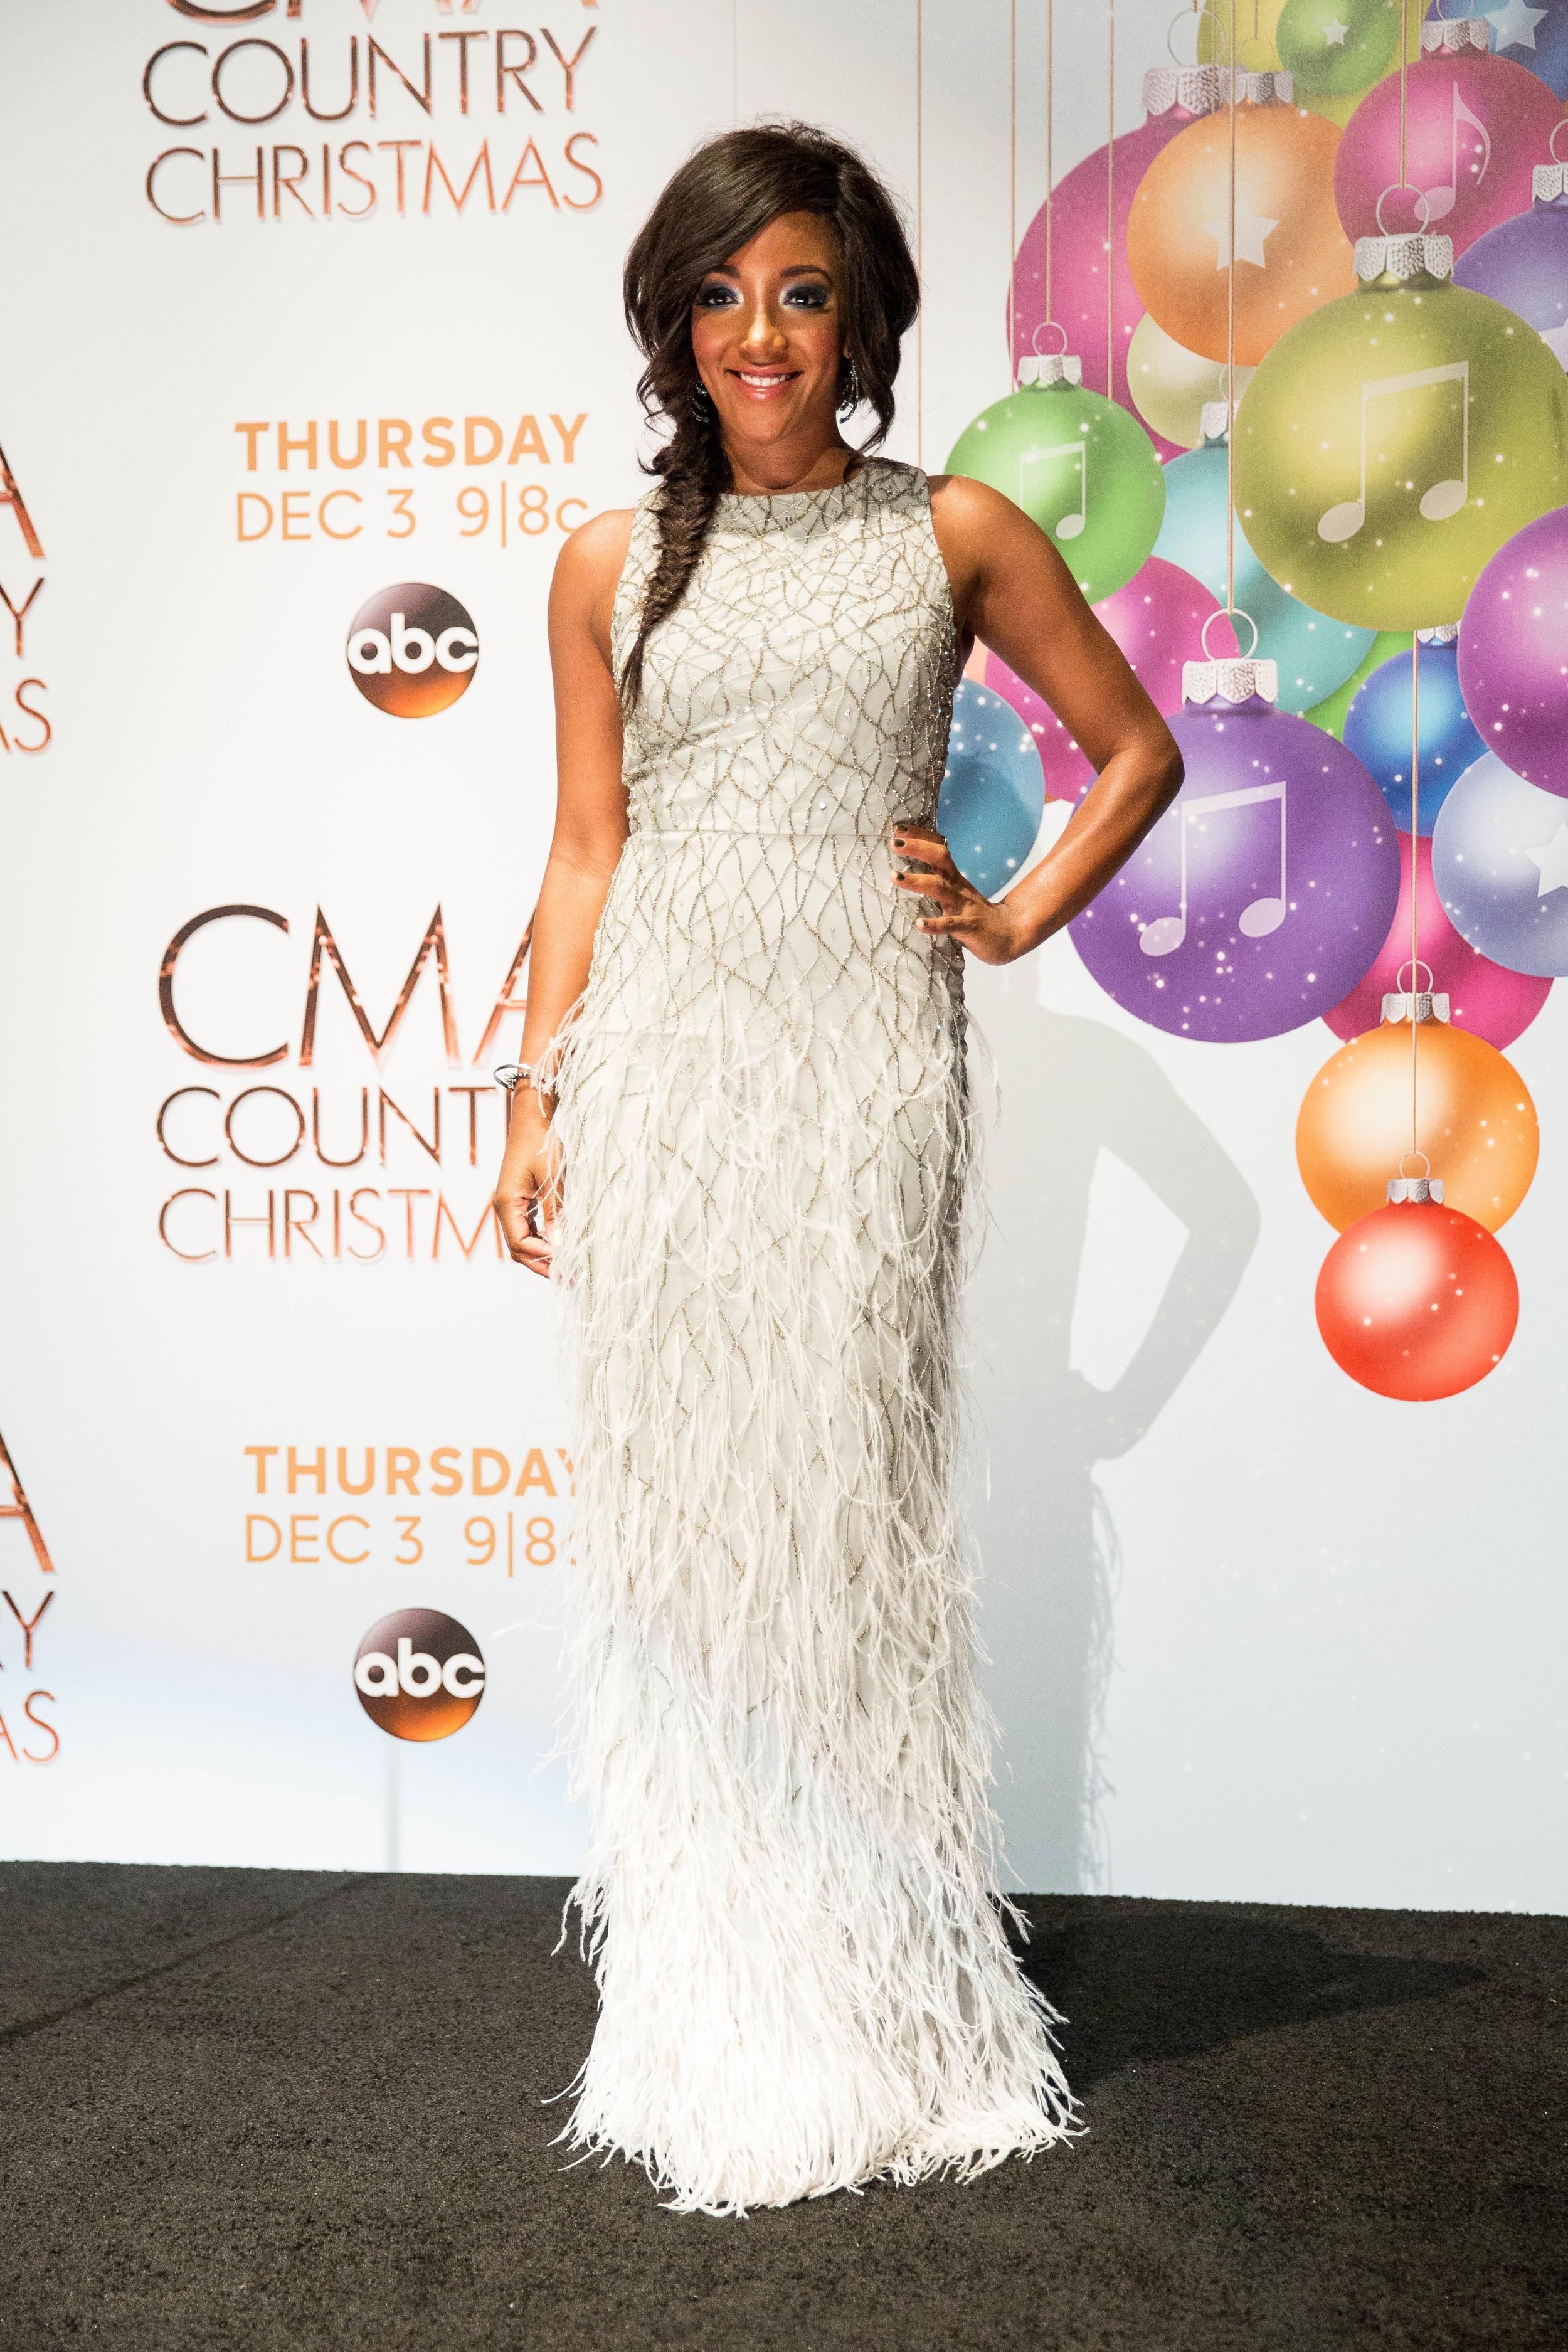 2015 CMA Country Christmas